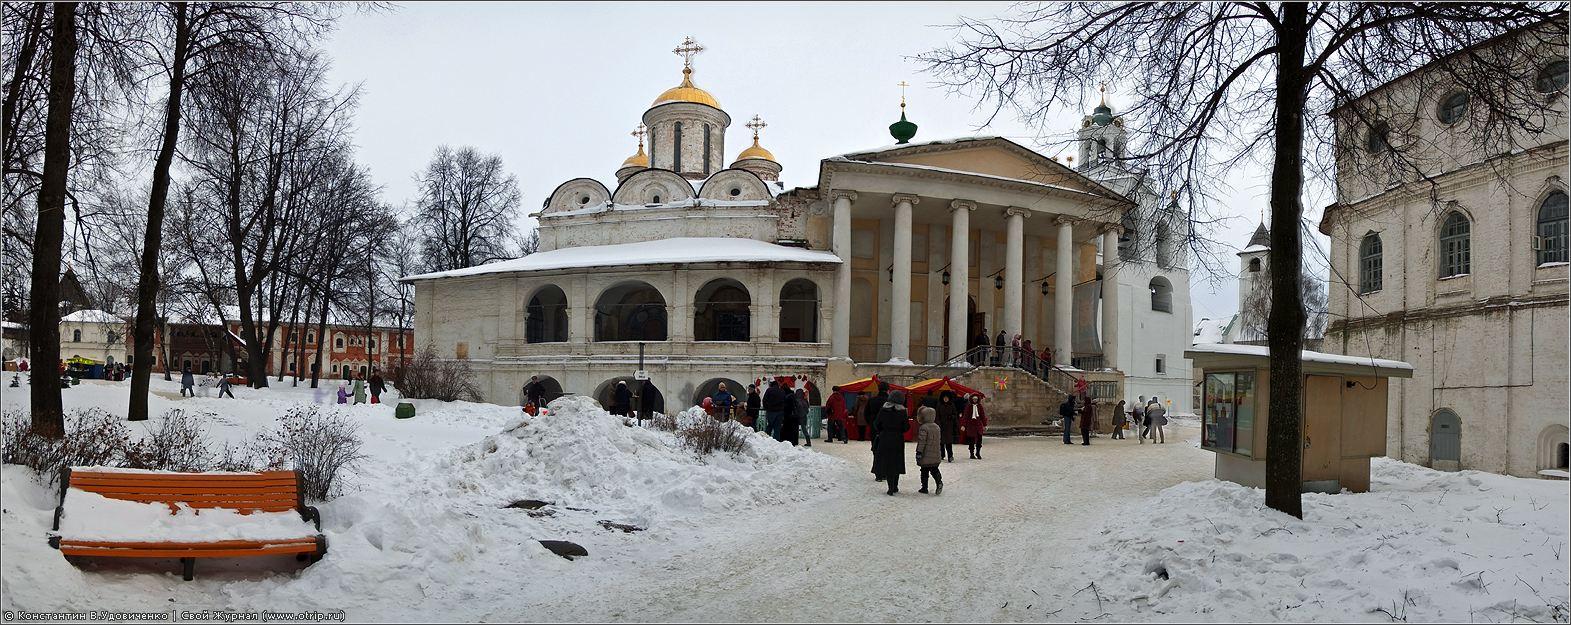 7058-7236x3023s_2.jpg - Масленица в Ярославле (14.02.2010)